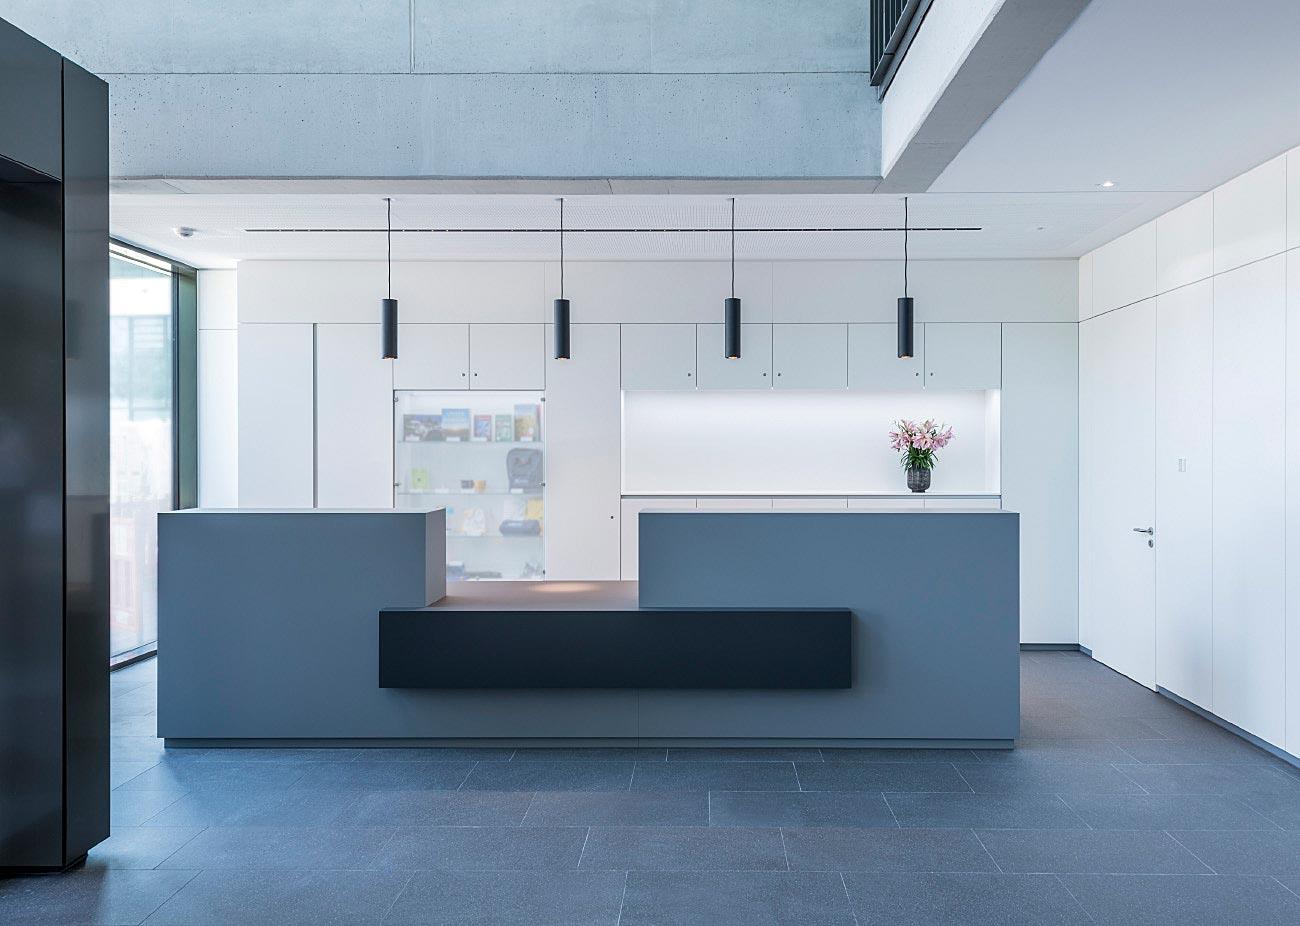 interior-fotografie-neue-mitte-remseck-B-4